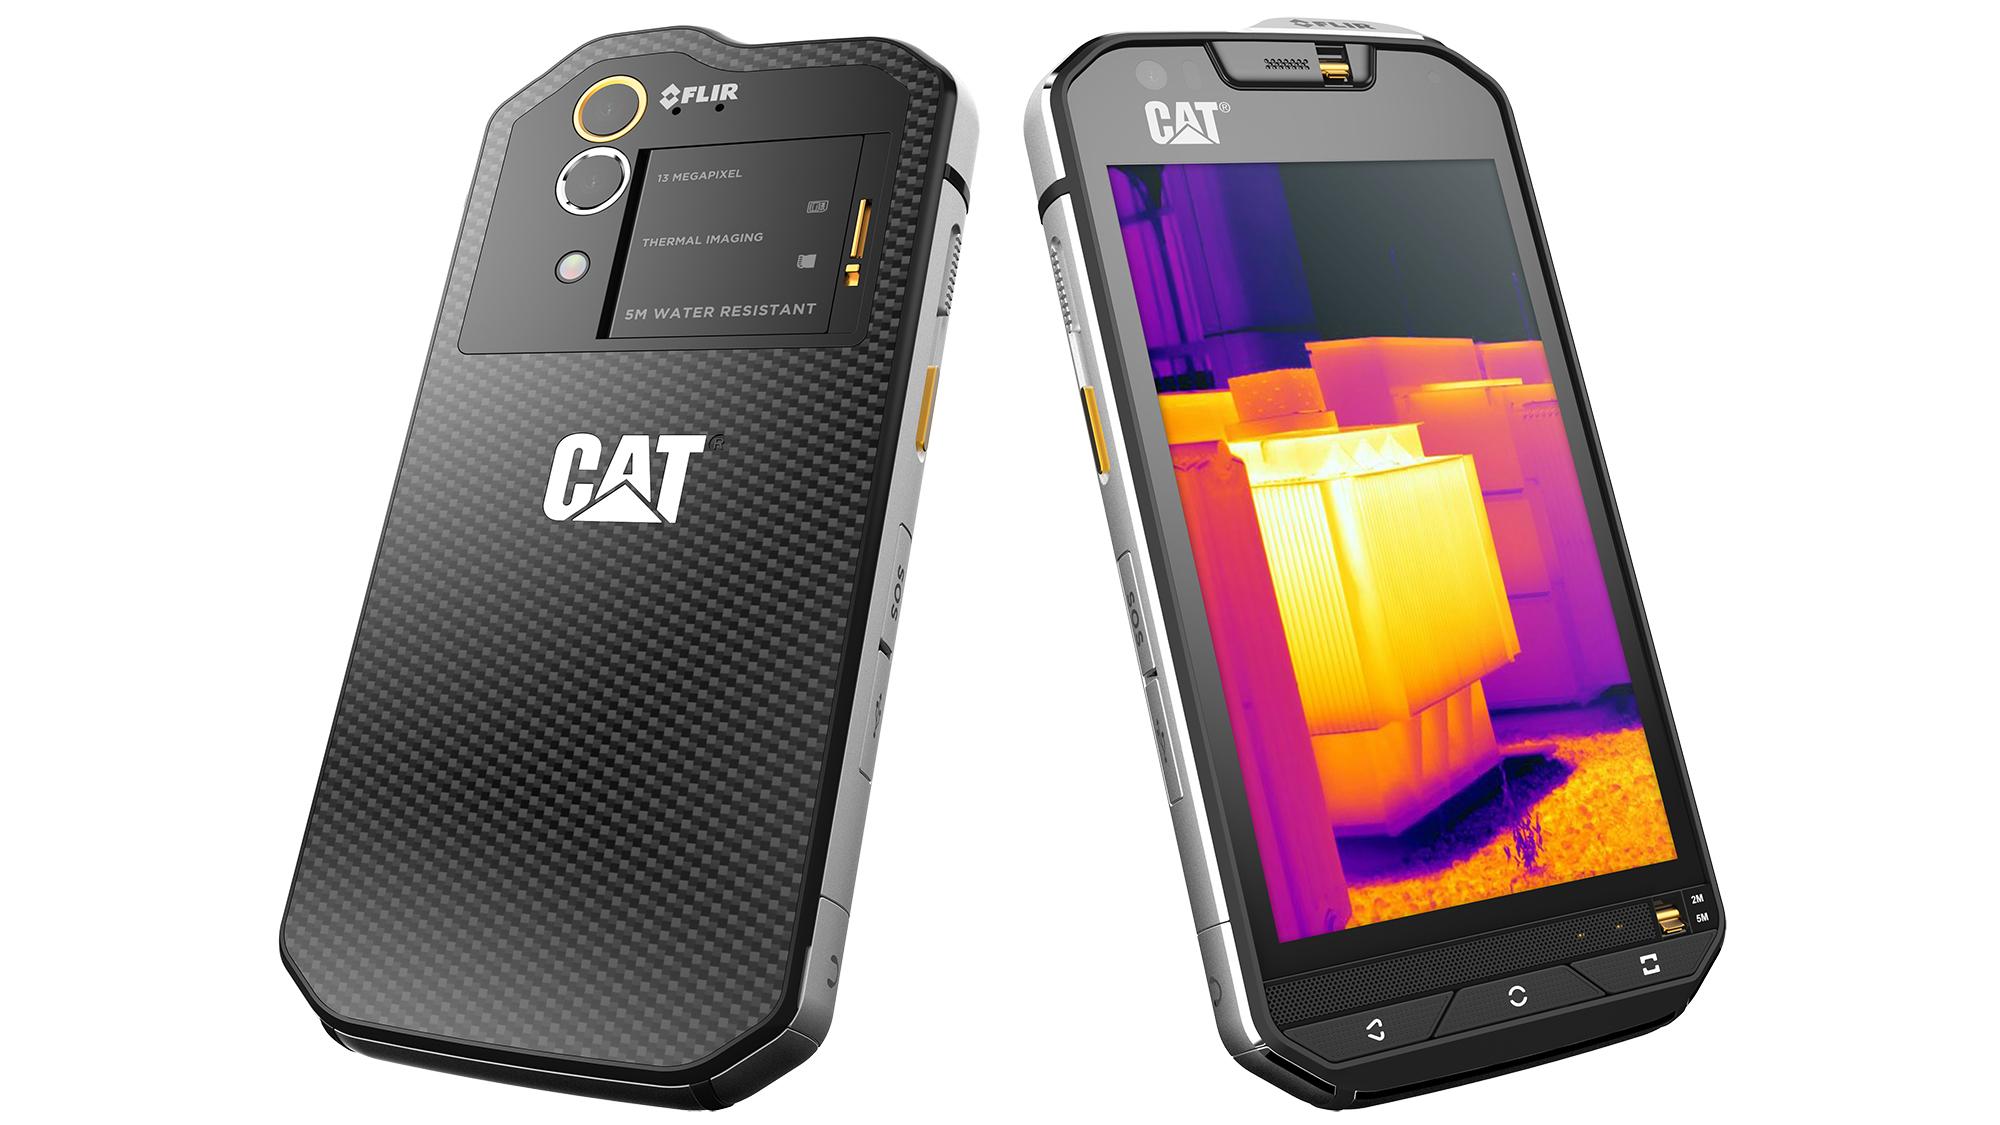 Caterpillar's CAT S60 Smartphone